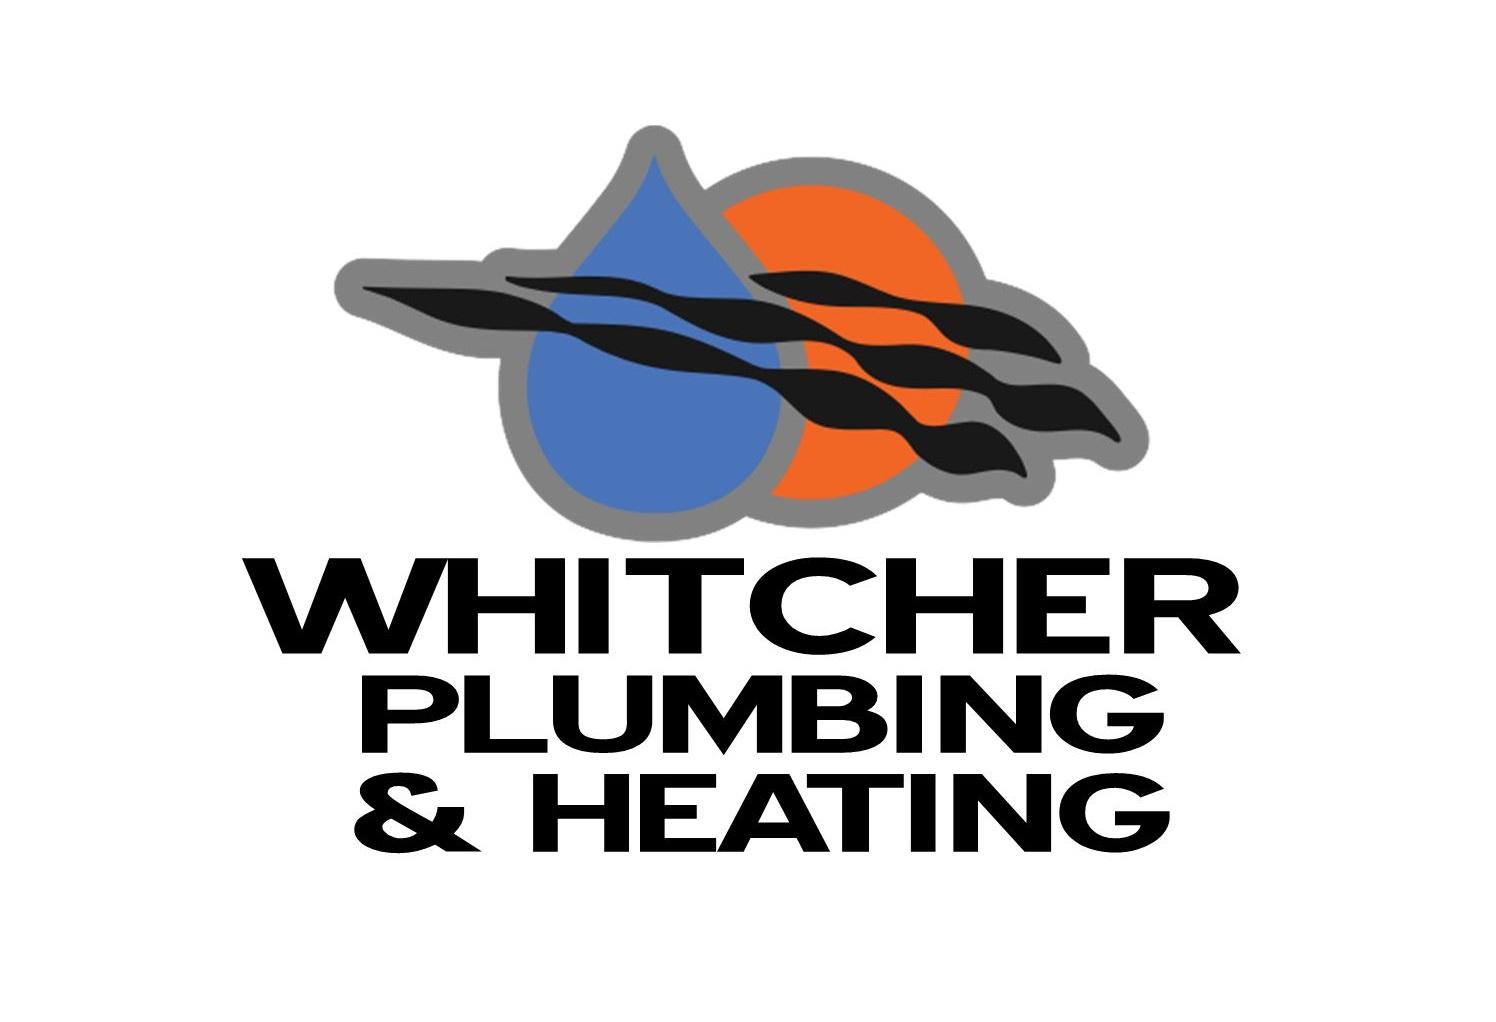 Whitcher Plumbing Heating